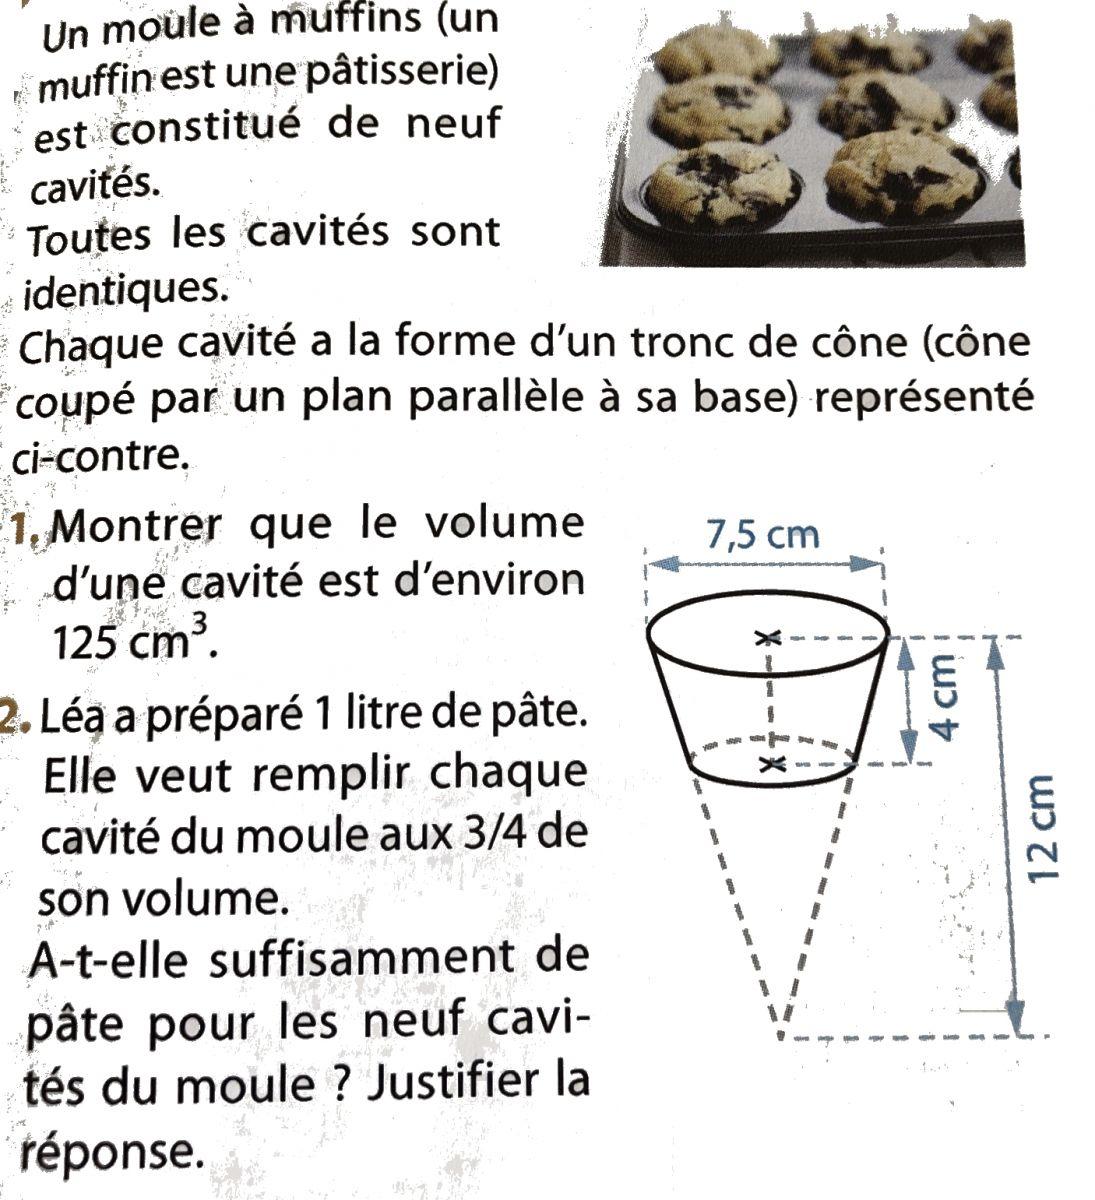 Un moule à muffins et ses cavités : exercices en 3ème.